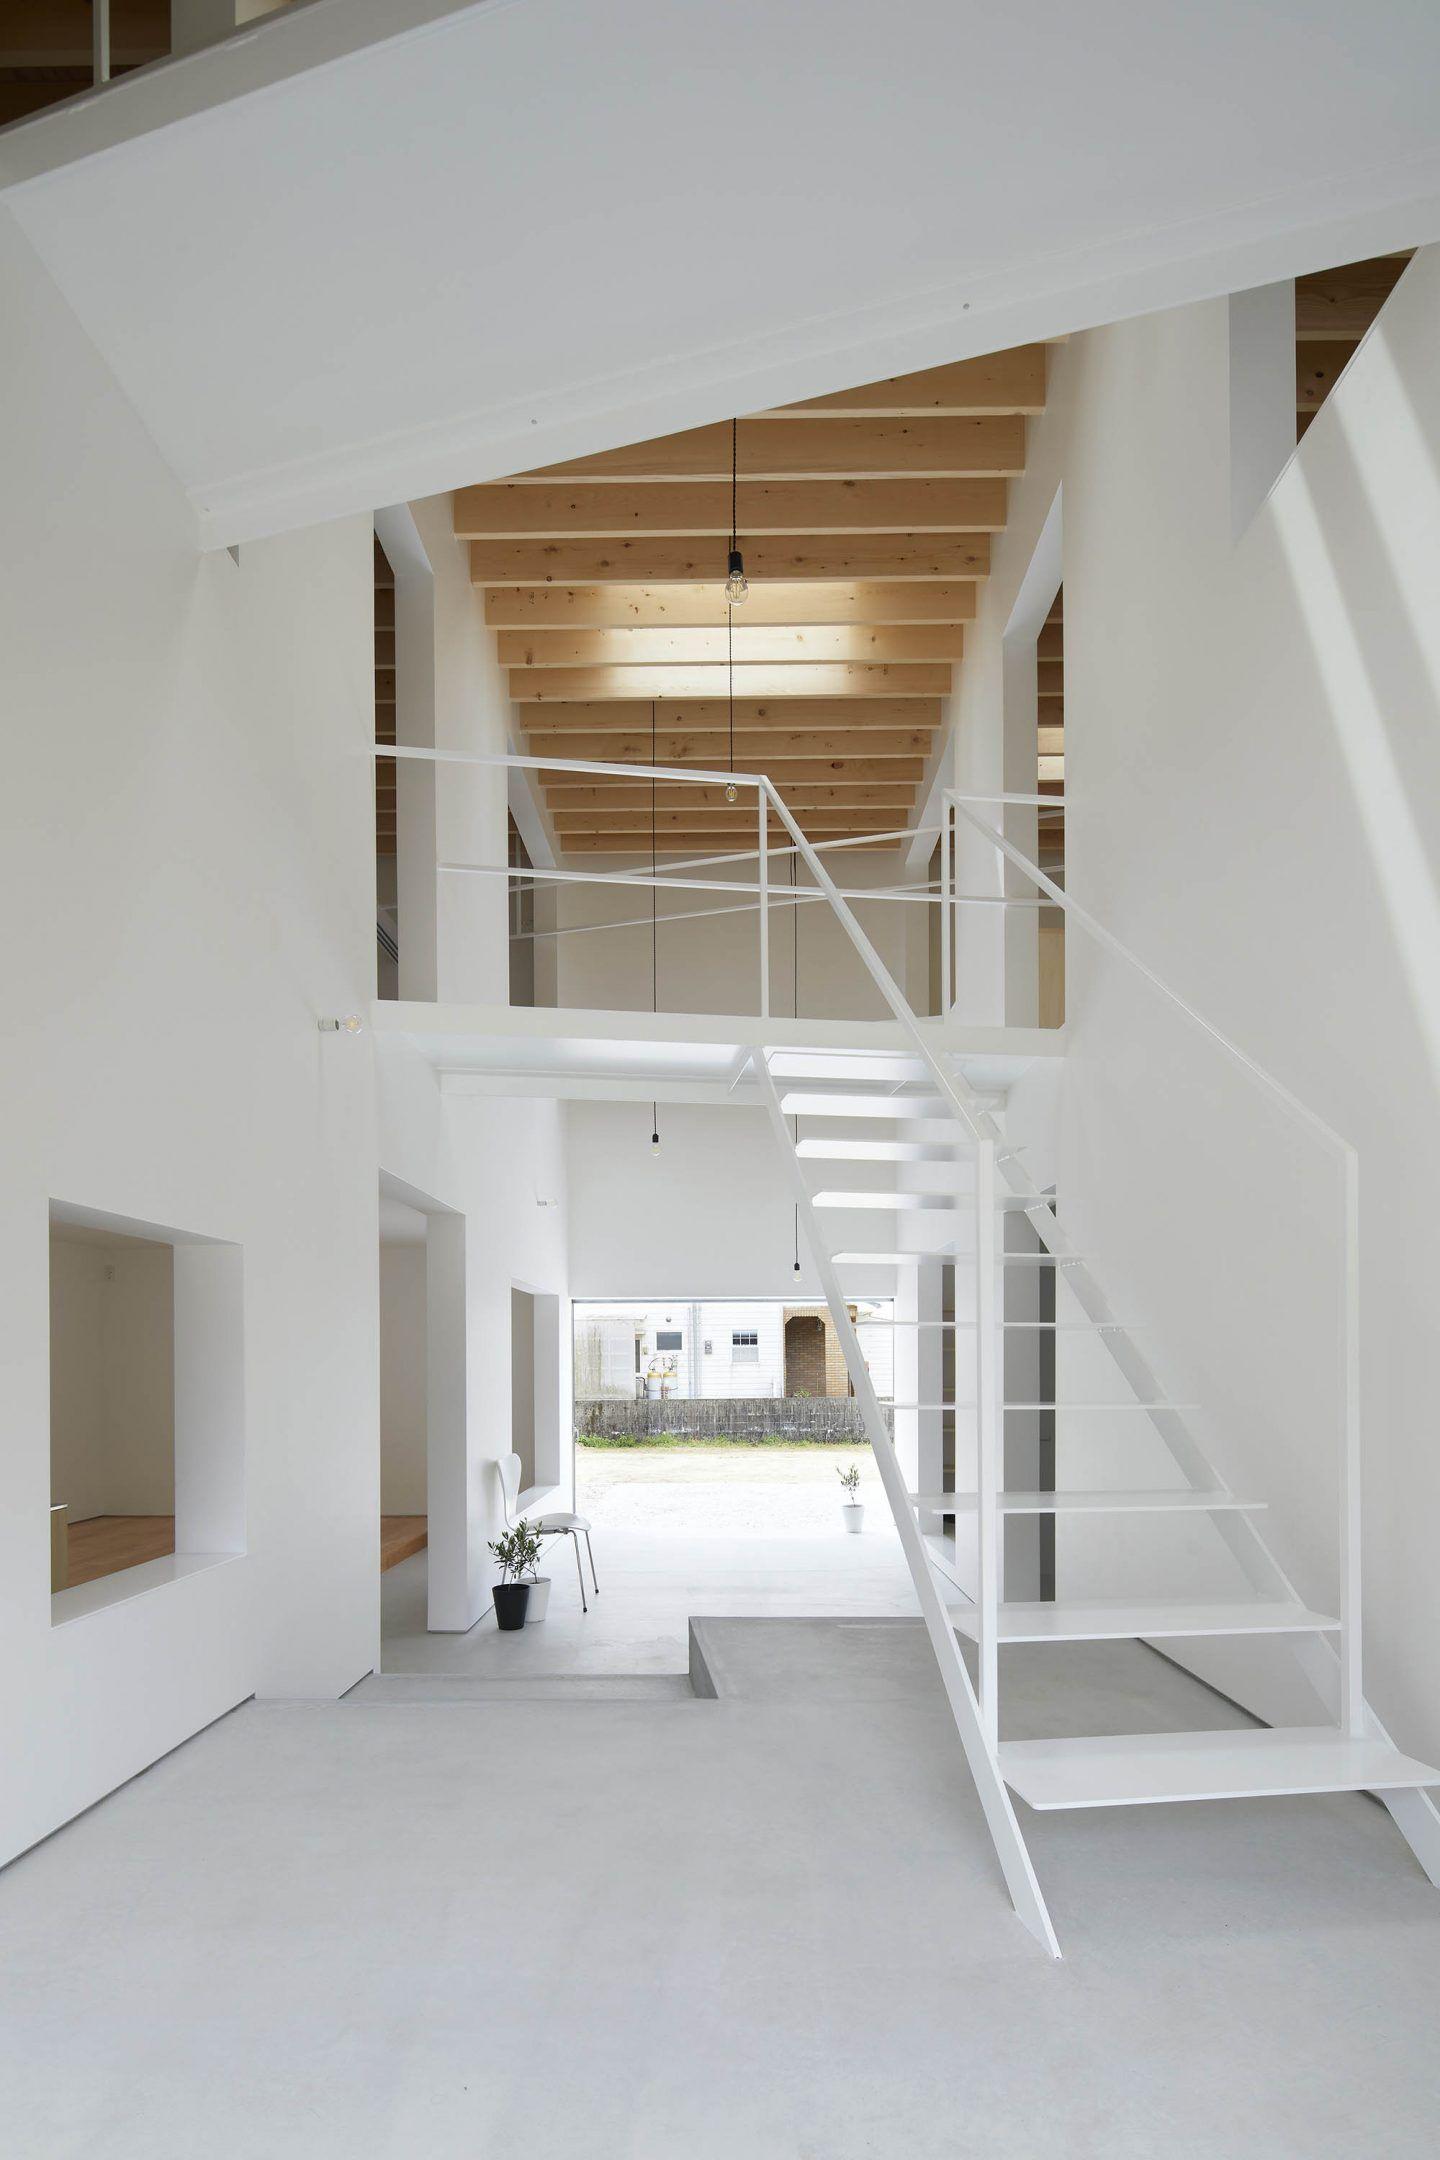 IGNANT-Architecture-Kento-Eto-Atelier-Kadokawas-House-15